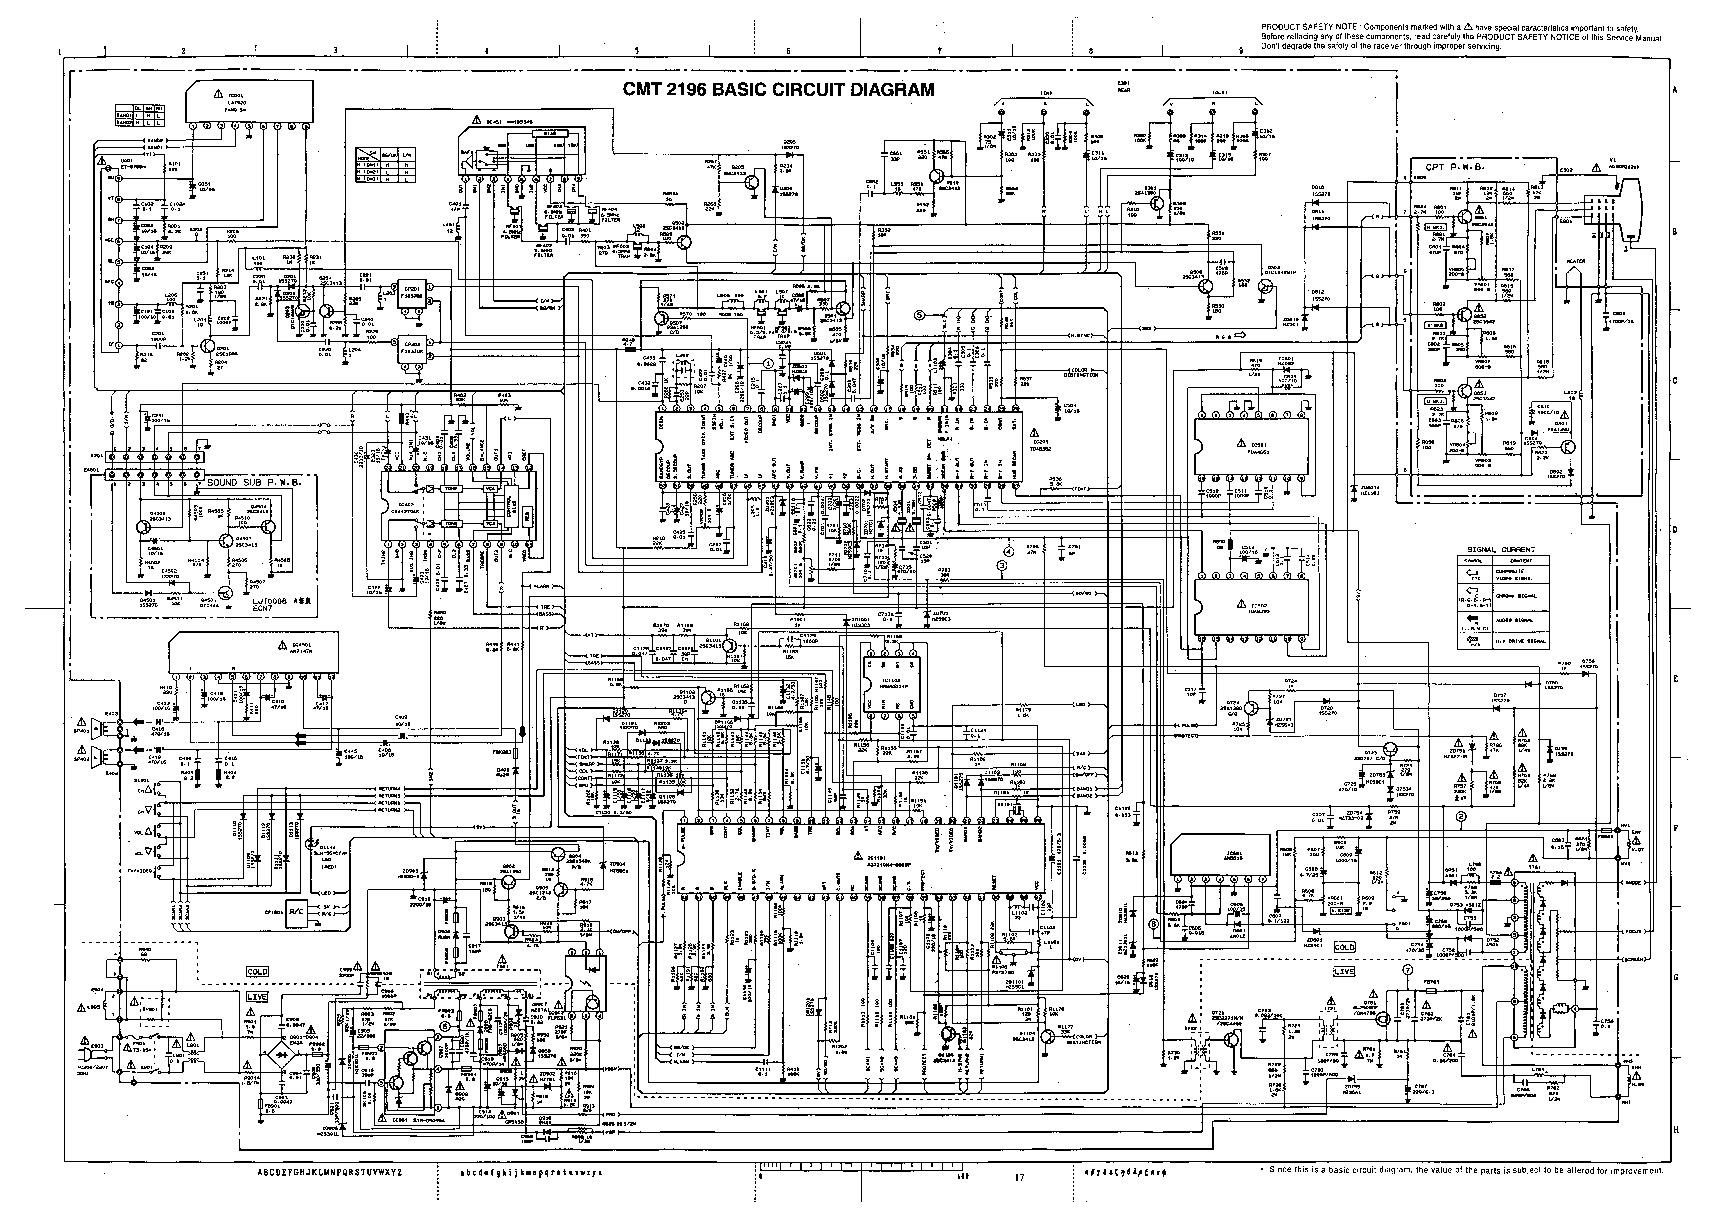 Marvelous Ct 2196 Resultados De La Busqueda Diagramasde Com Diagramas Wiring Digital Resources Funapmognl